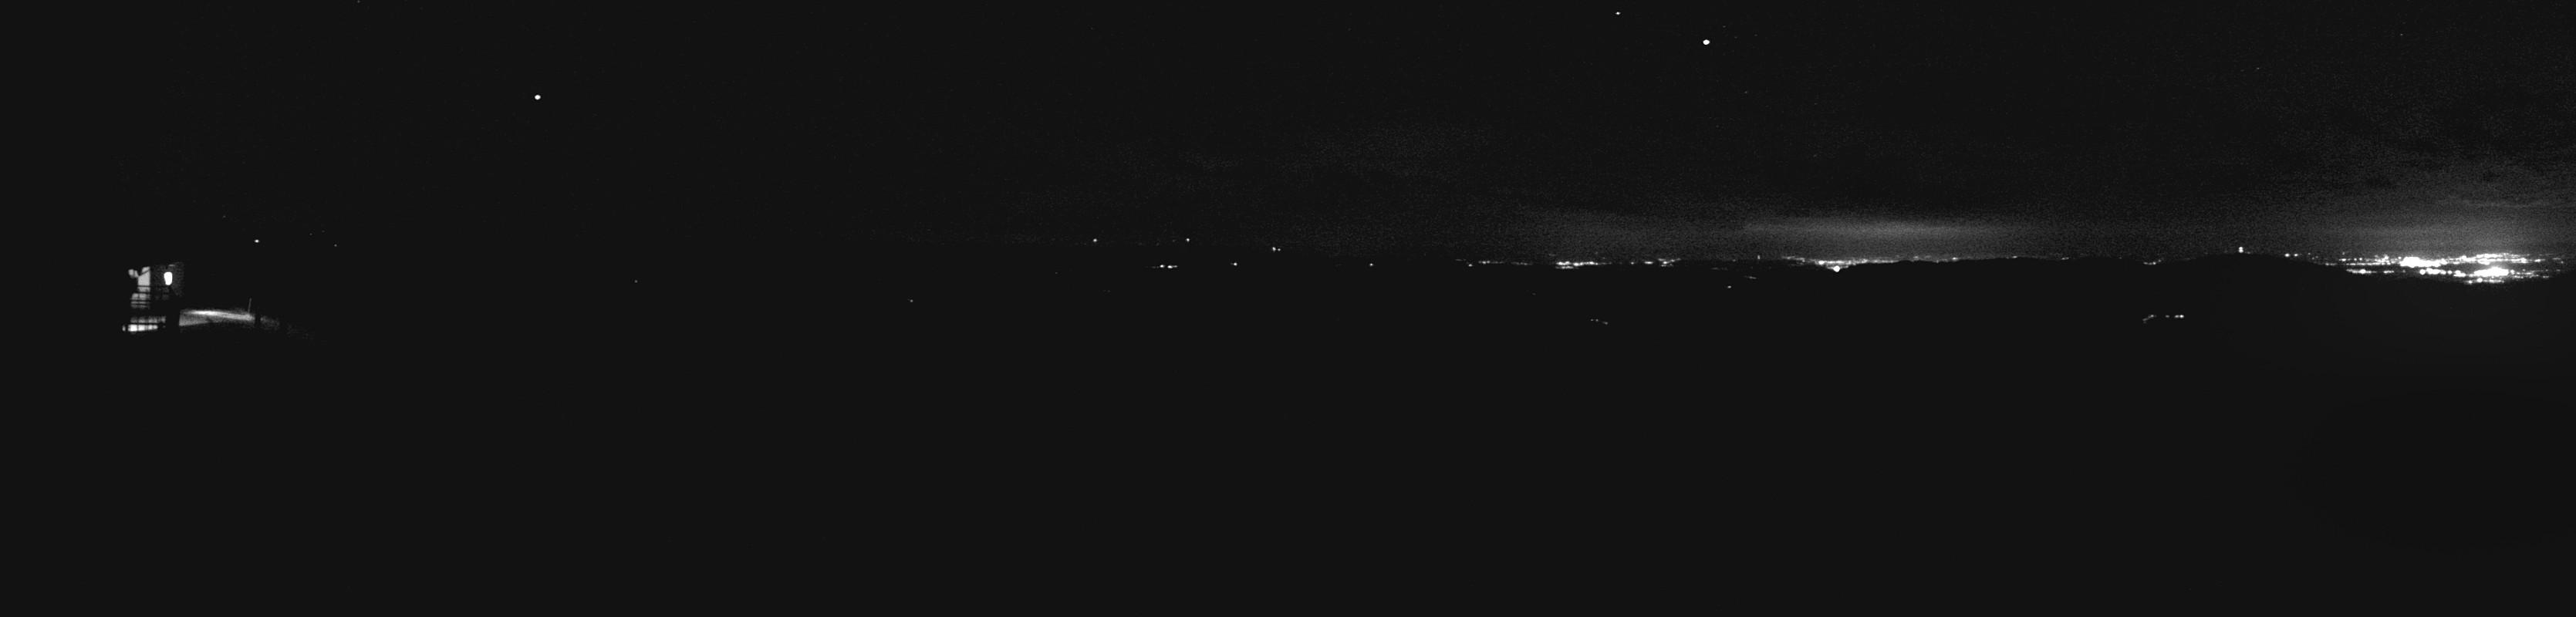 10h ago - 22:04